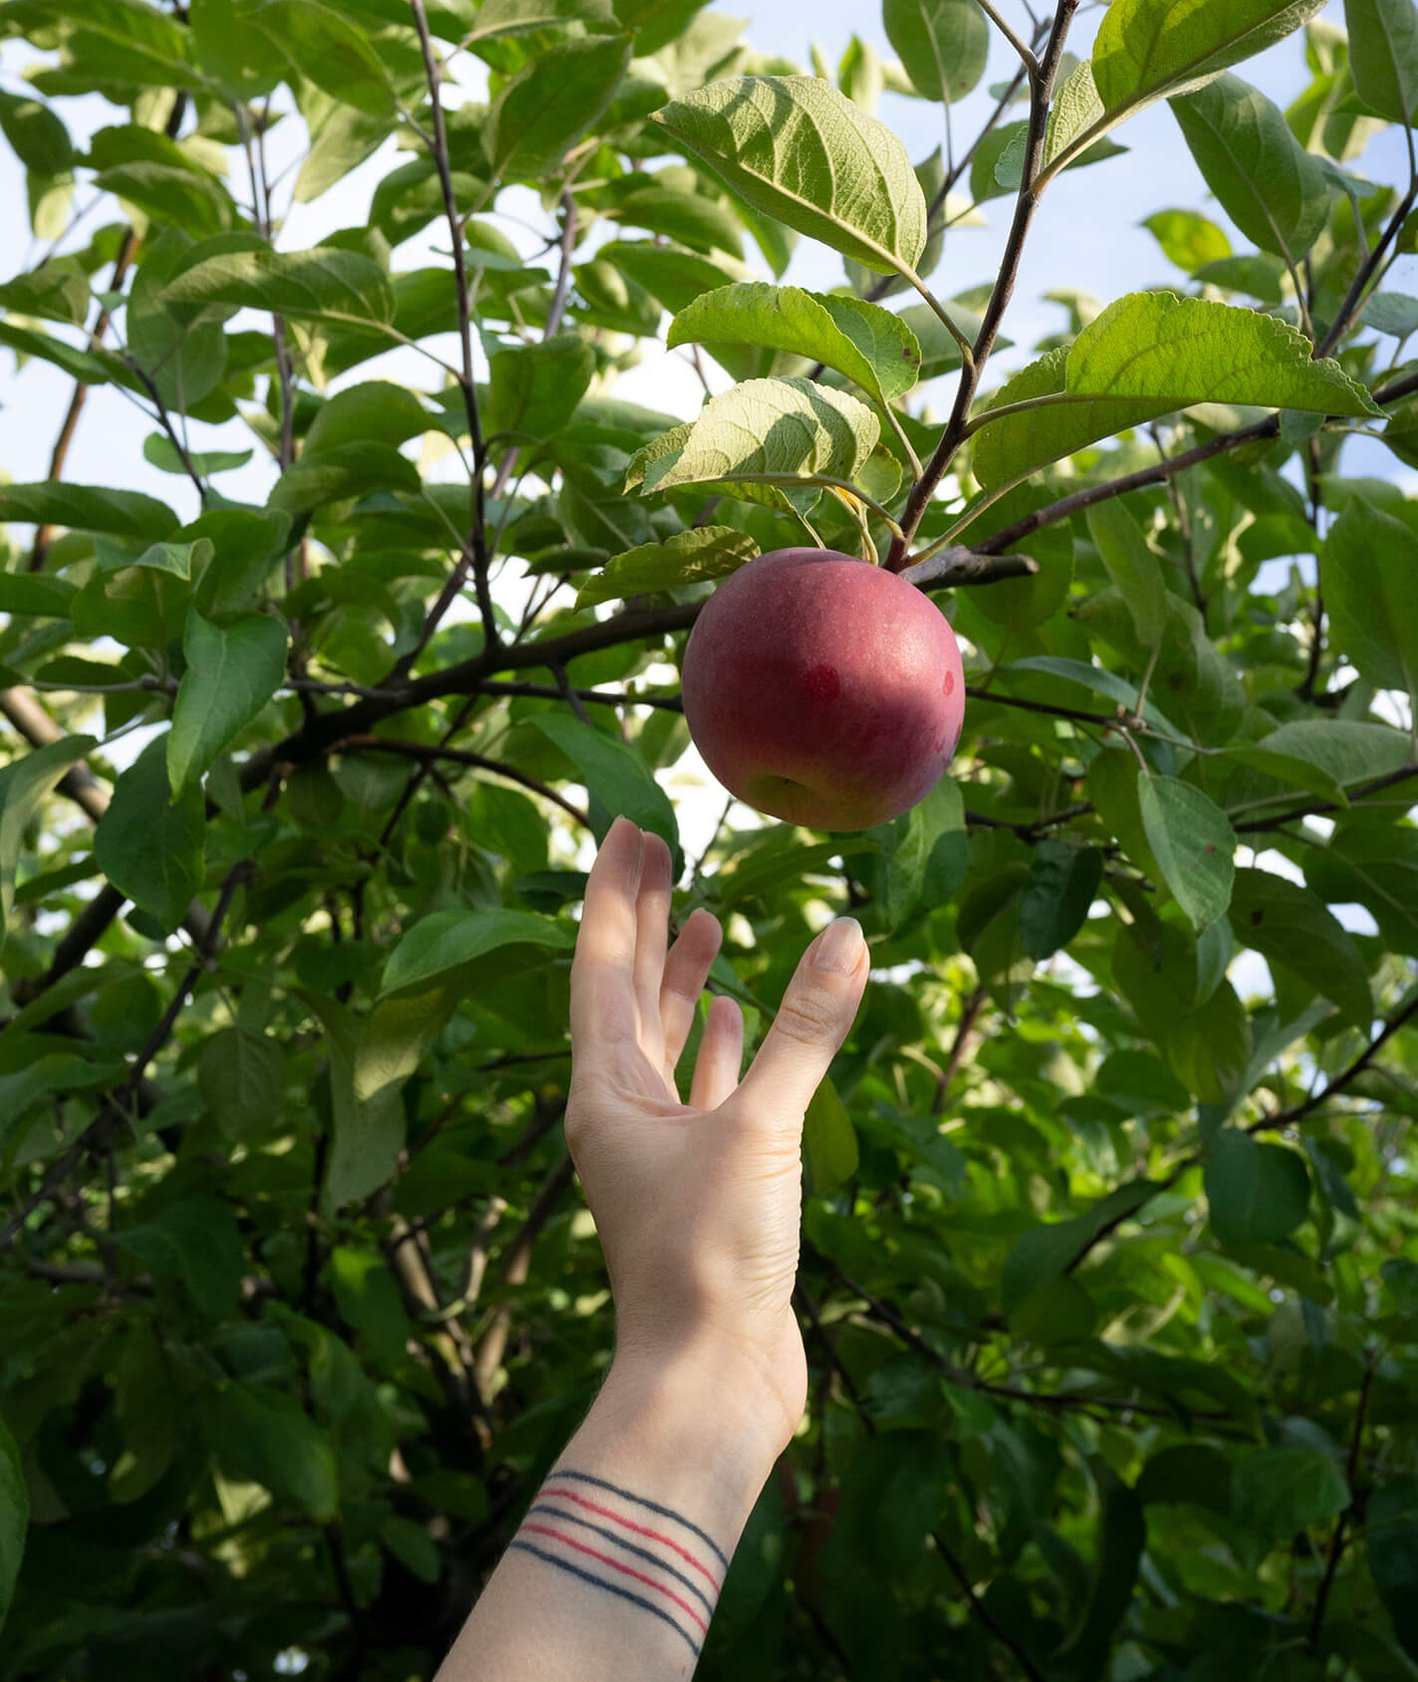 Dłoń sięgająca po dojrzałe jabłko, sad jabłkowy (fot. Zuza Rożek)